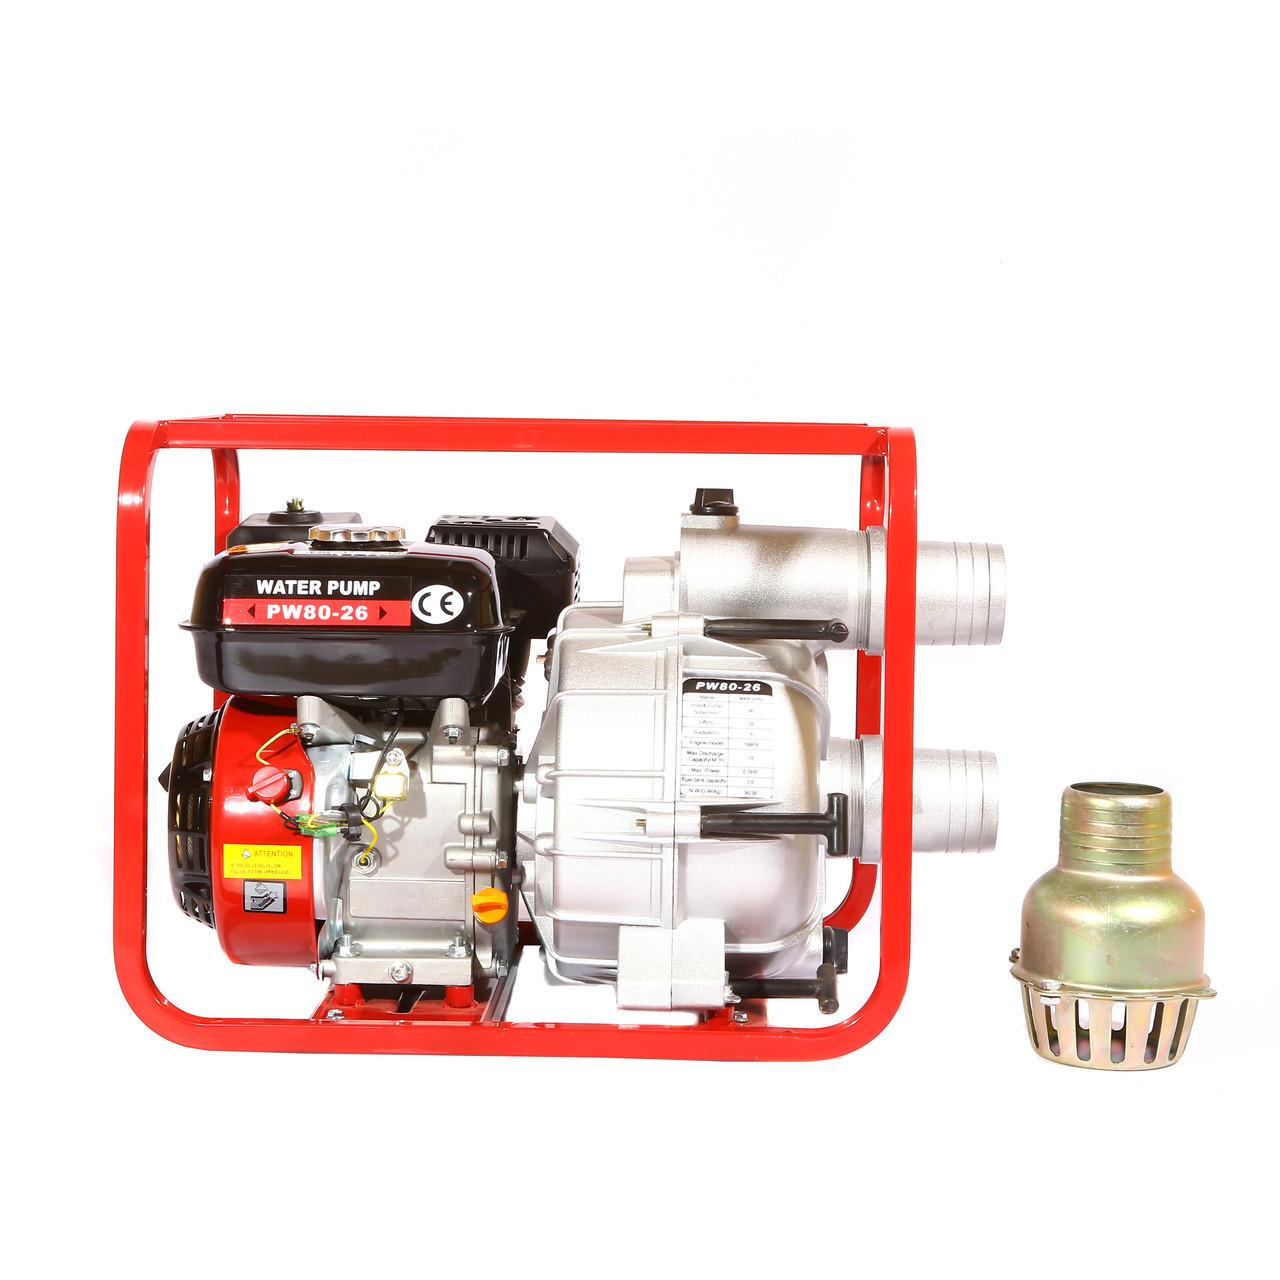 Мотопомпа WEIMA WMPW80-26 для грязной воды (78 куб.м/час)